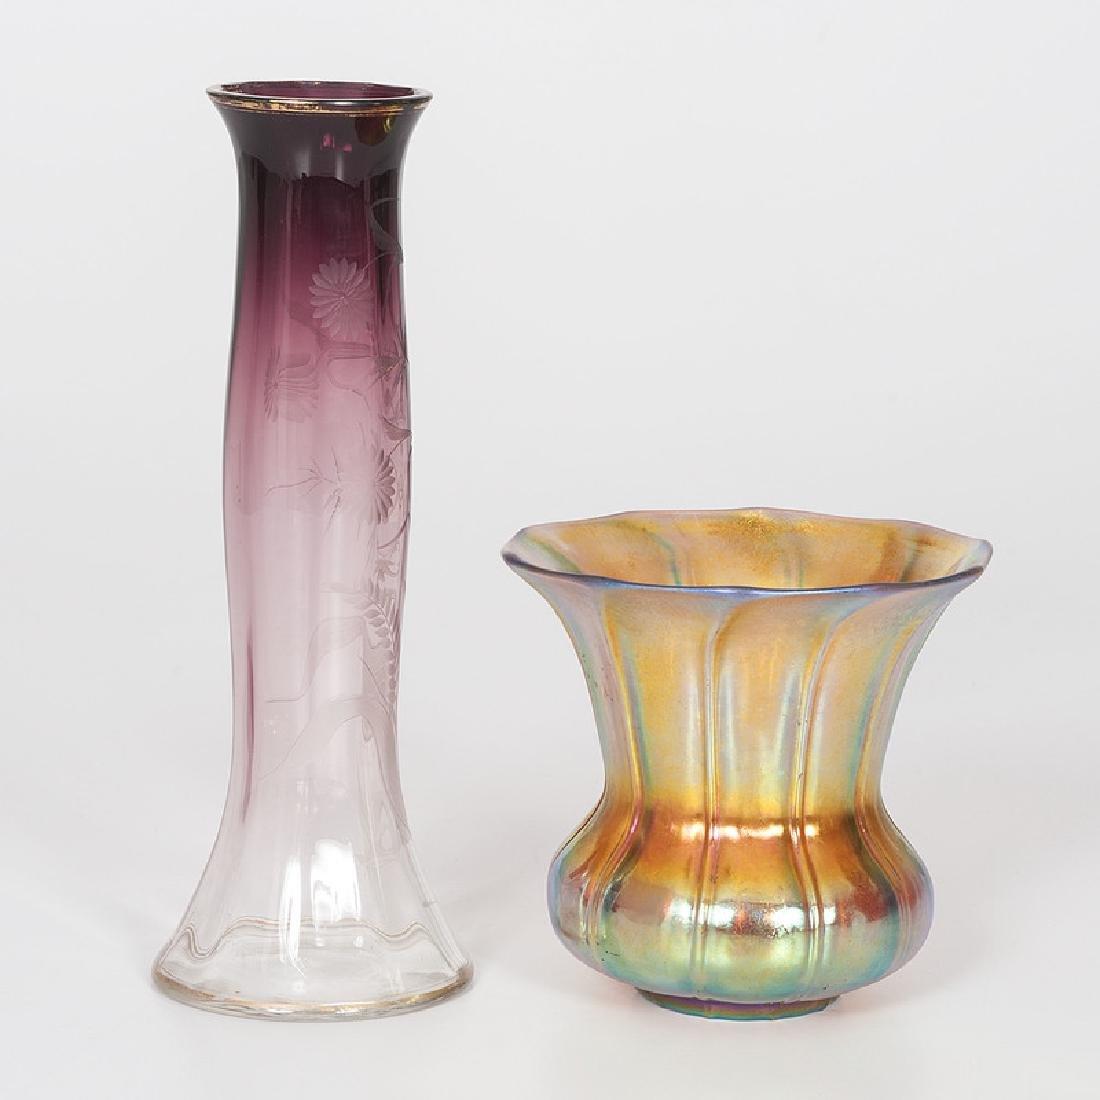 Moserand Steuben Art Glass - 2